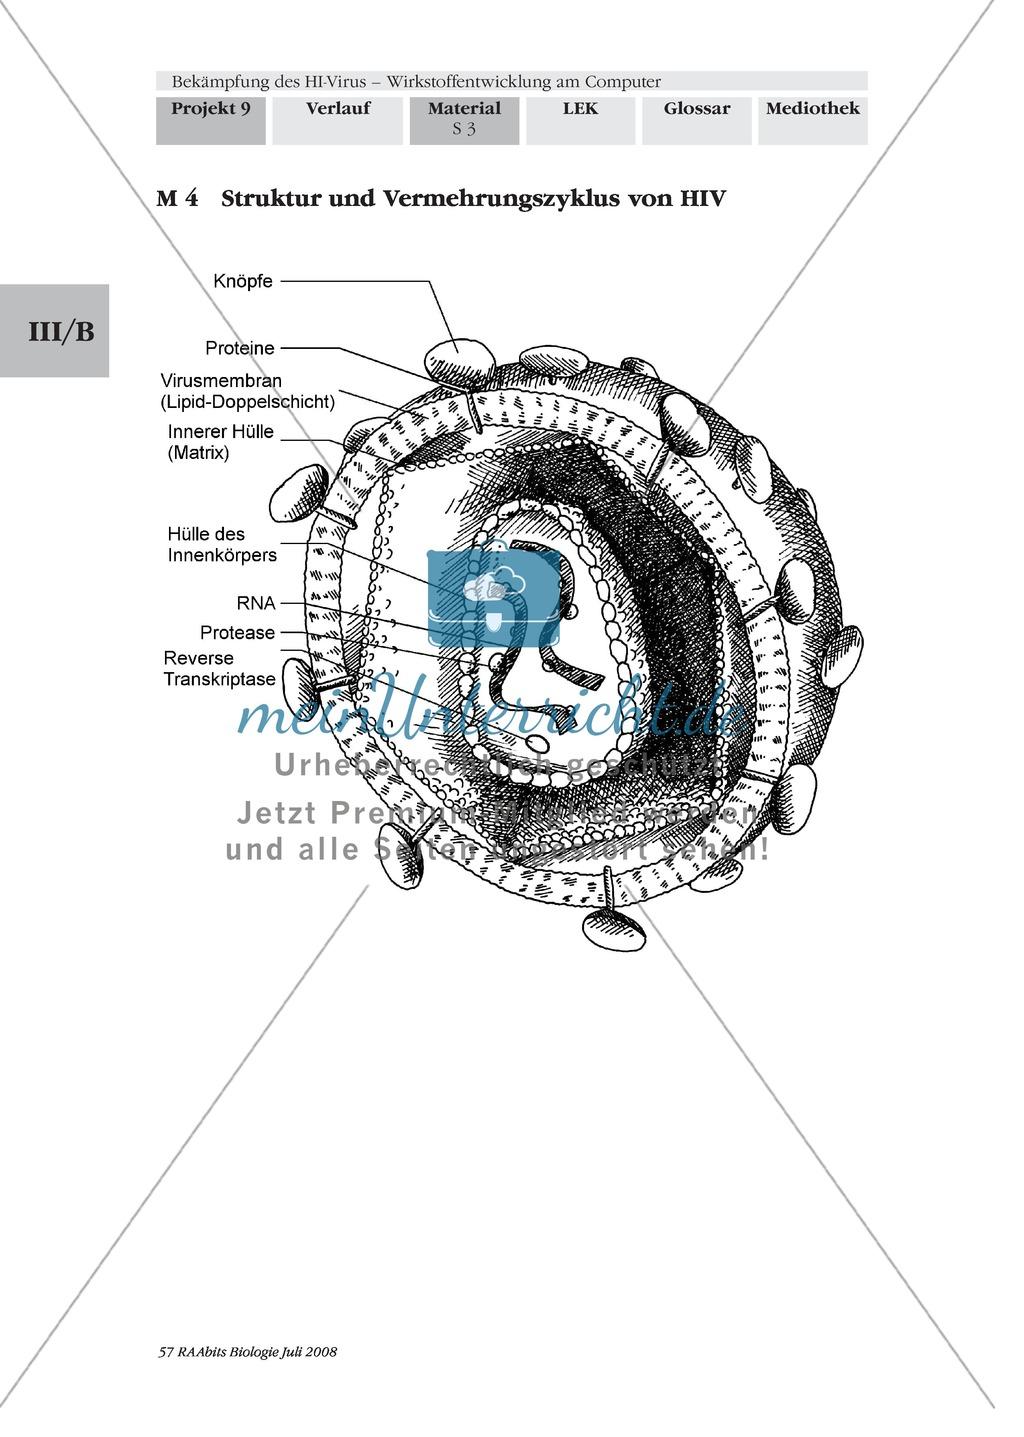 Enzymhemmung als Therapieansatz zur Behandlung von HIV kennenlernen Preview 1